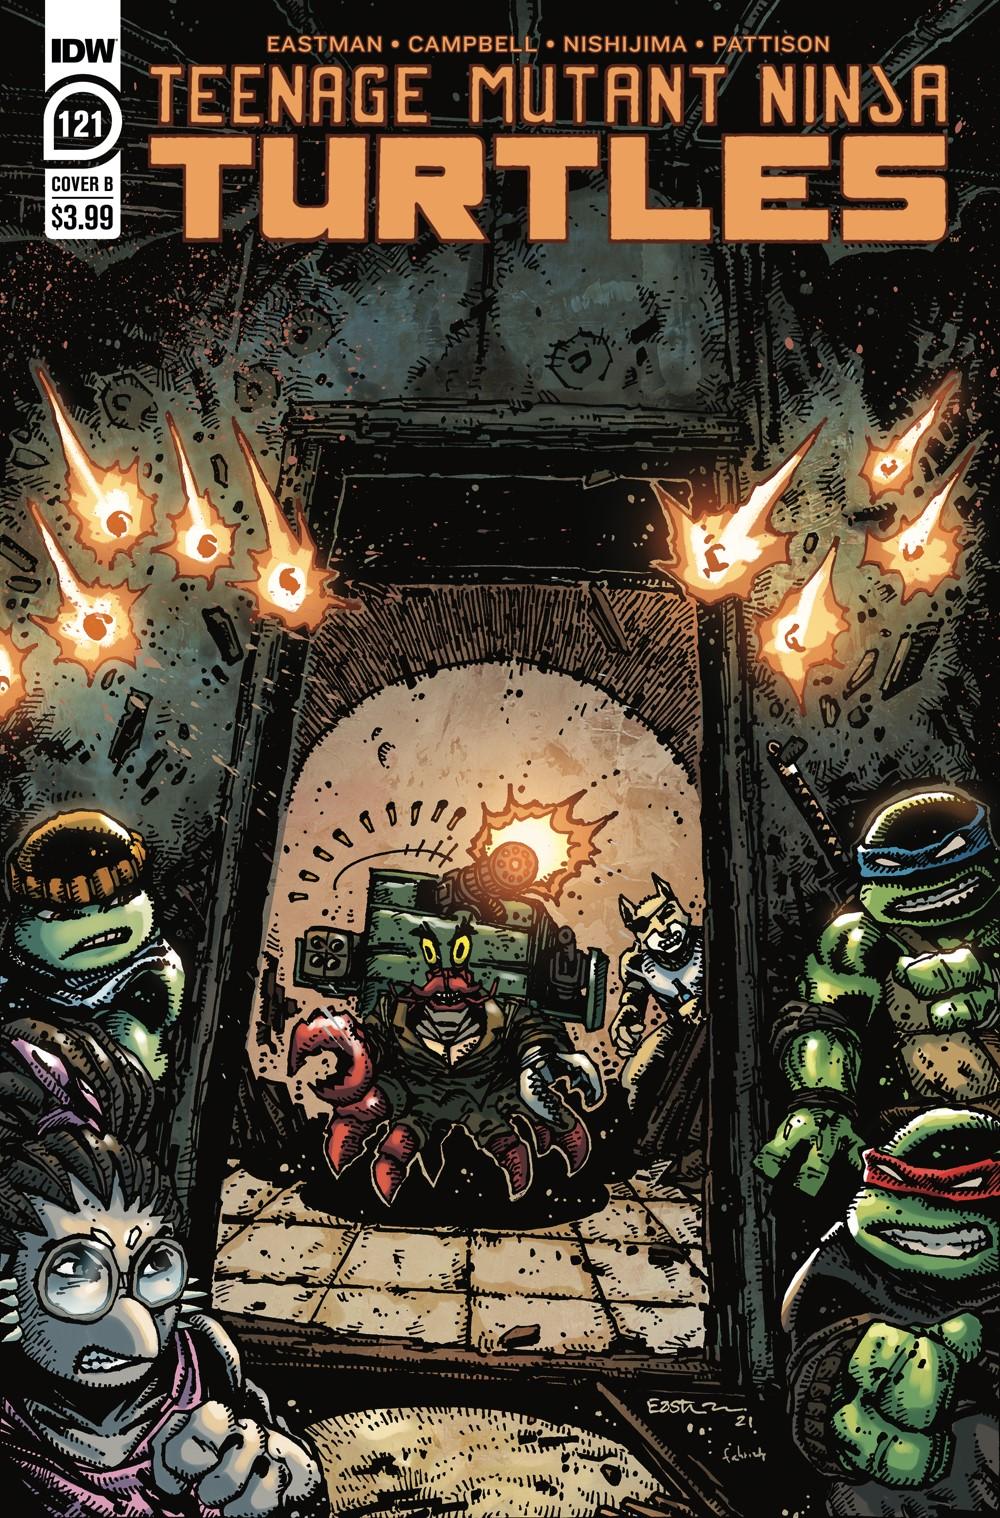 TMNT121_cvrB ComicList Previews: TEENAGE MUTANT NINJA TURTLES #121